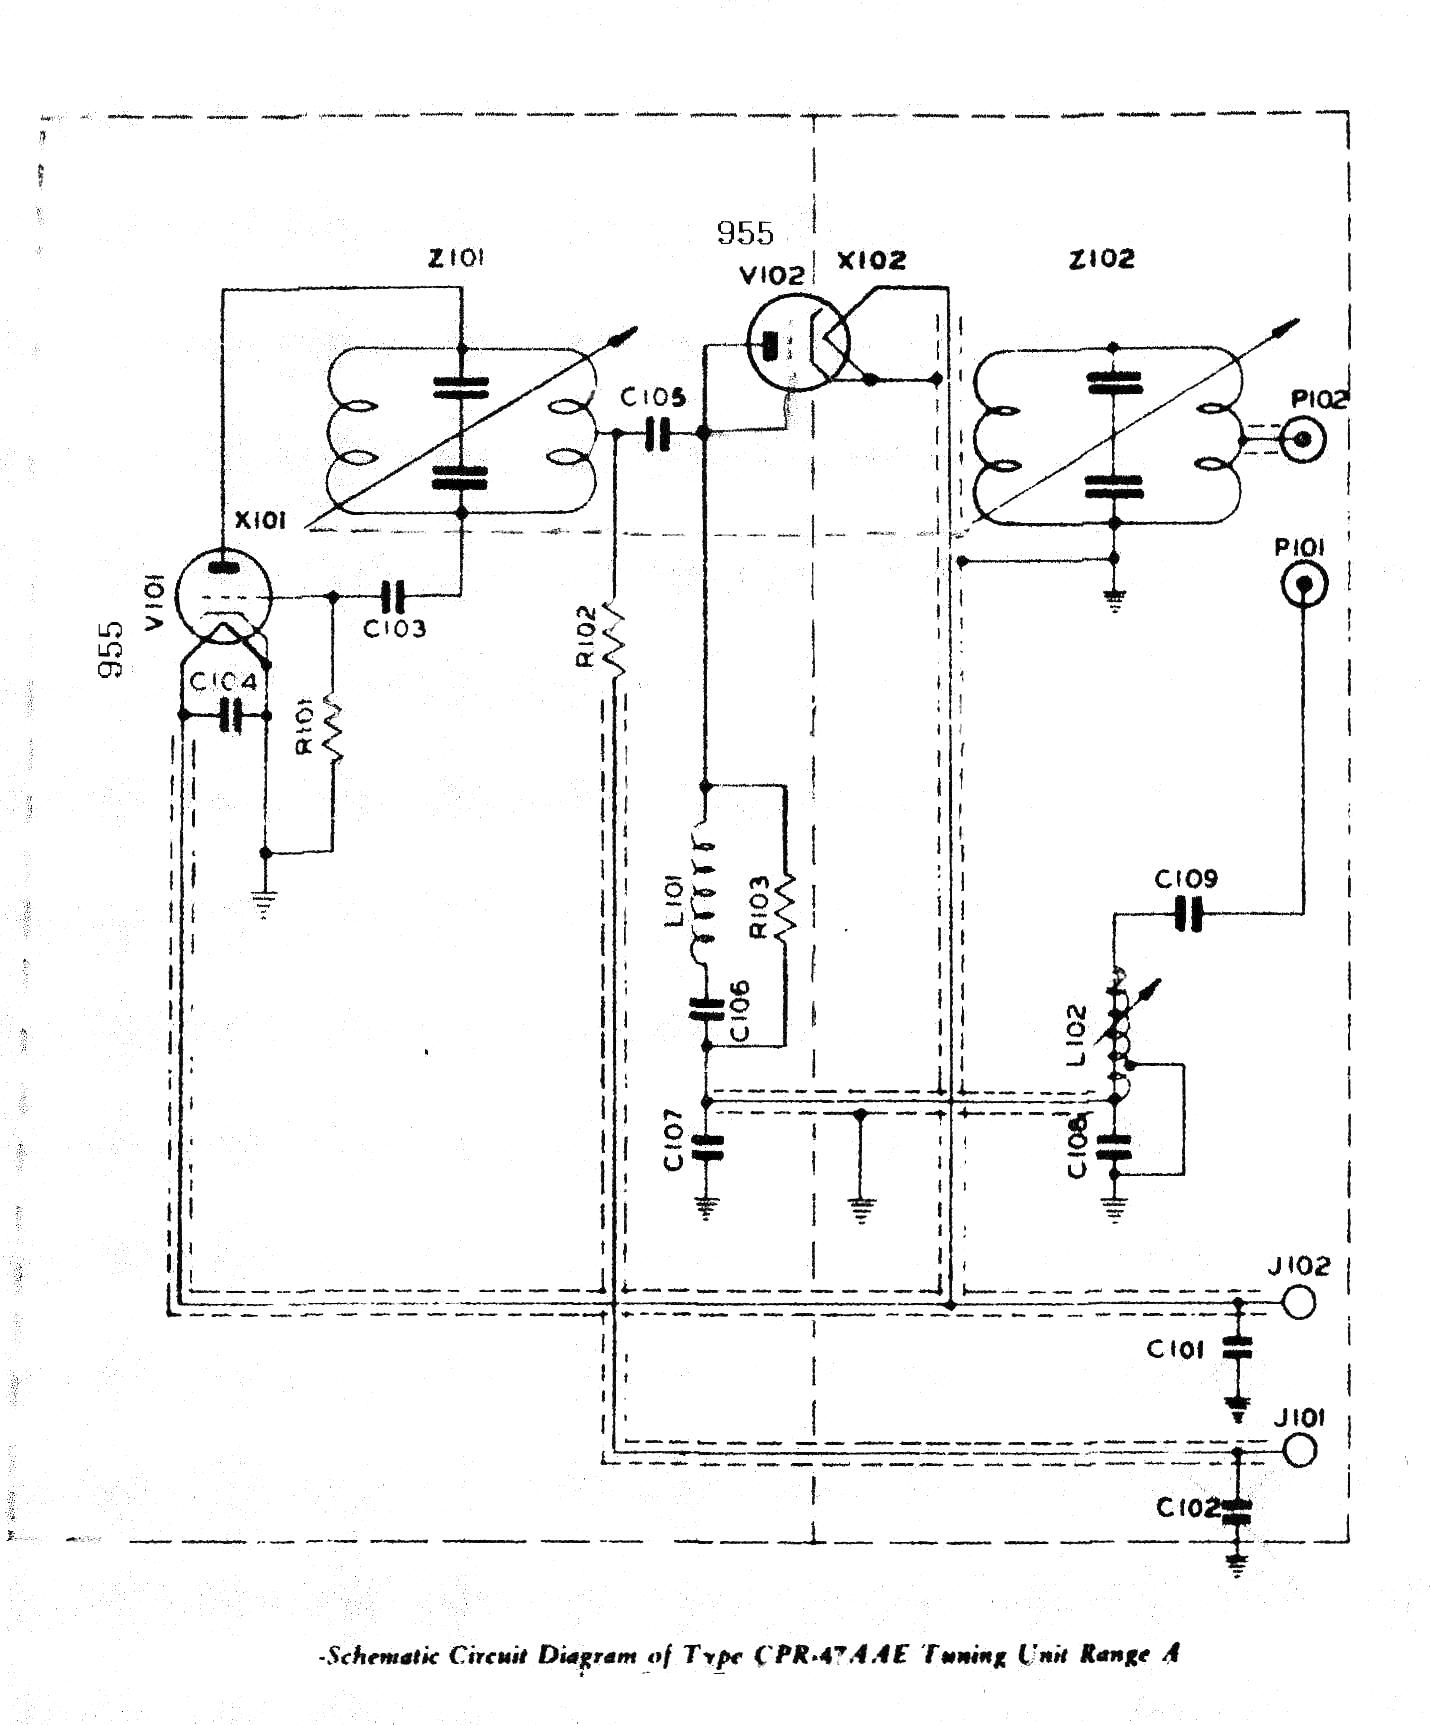 スプリットacユニット用配線図